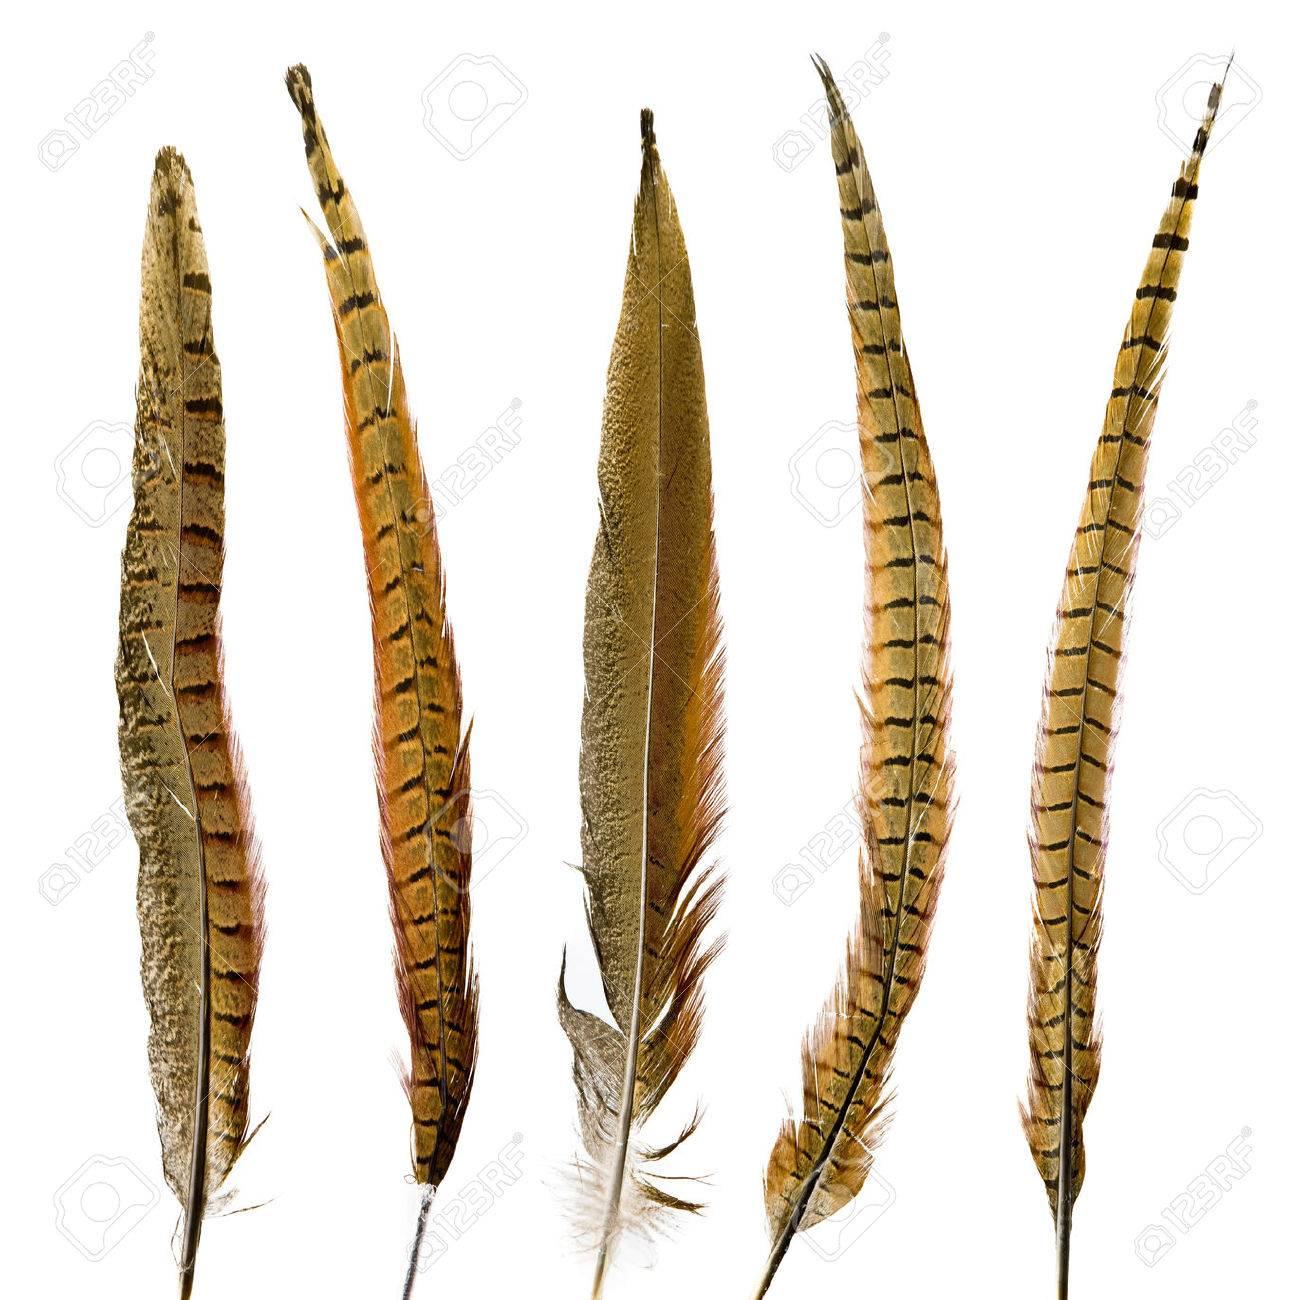 pheasant feathers set Stock Photo - 40774487